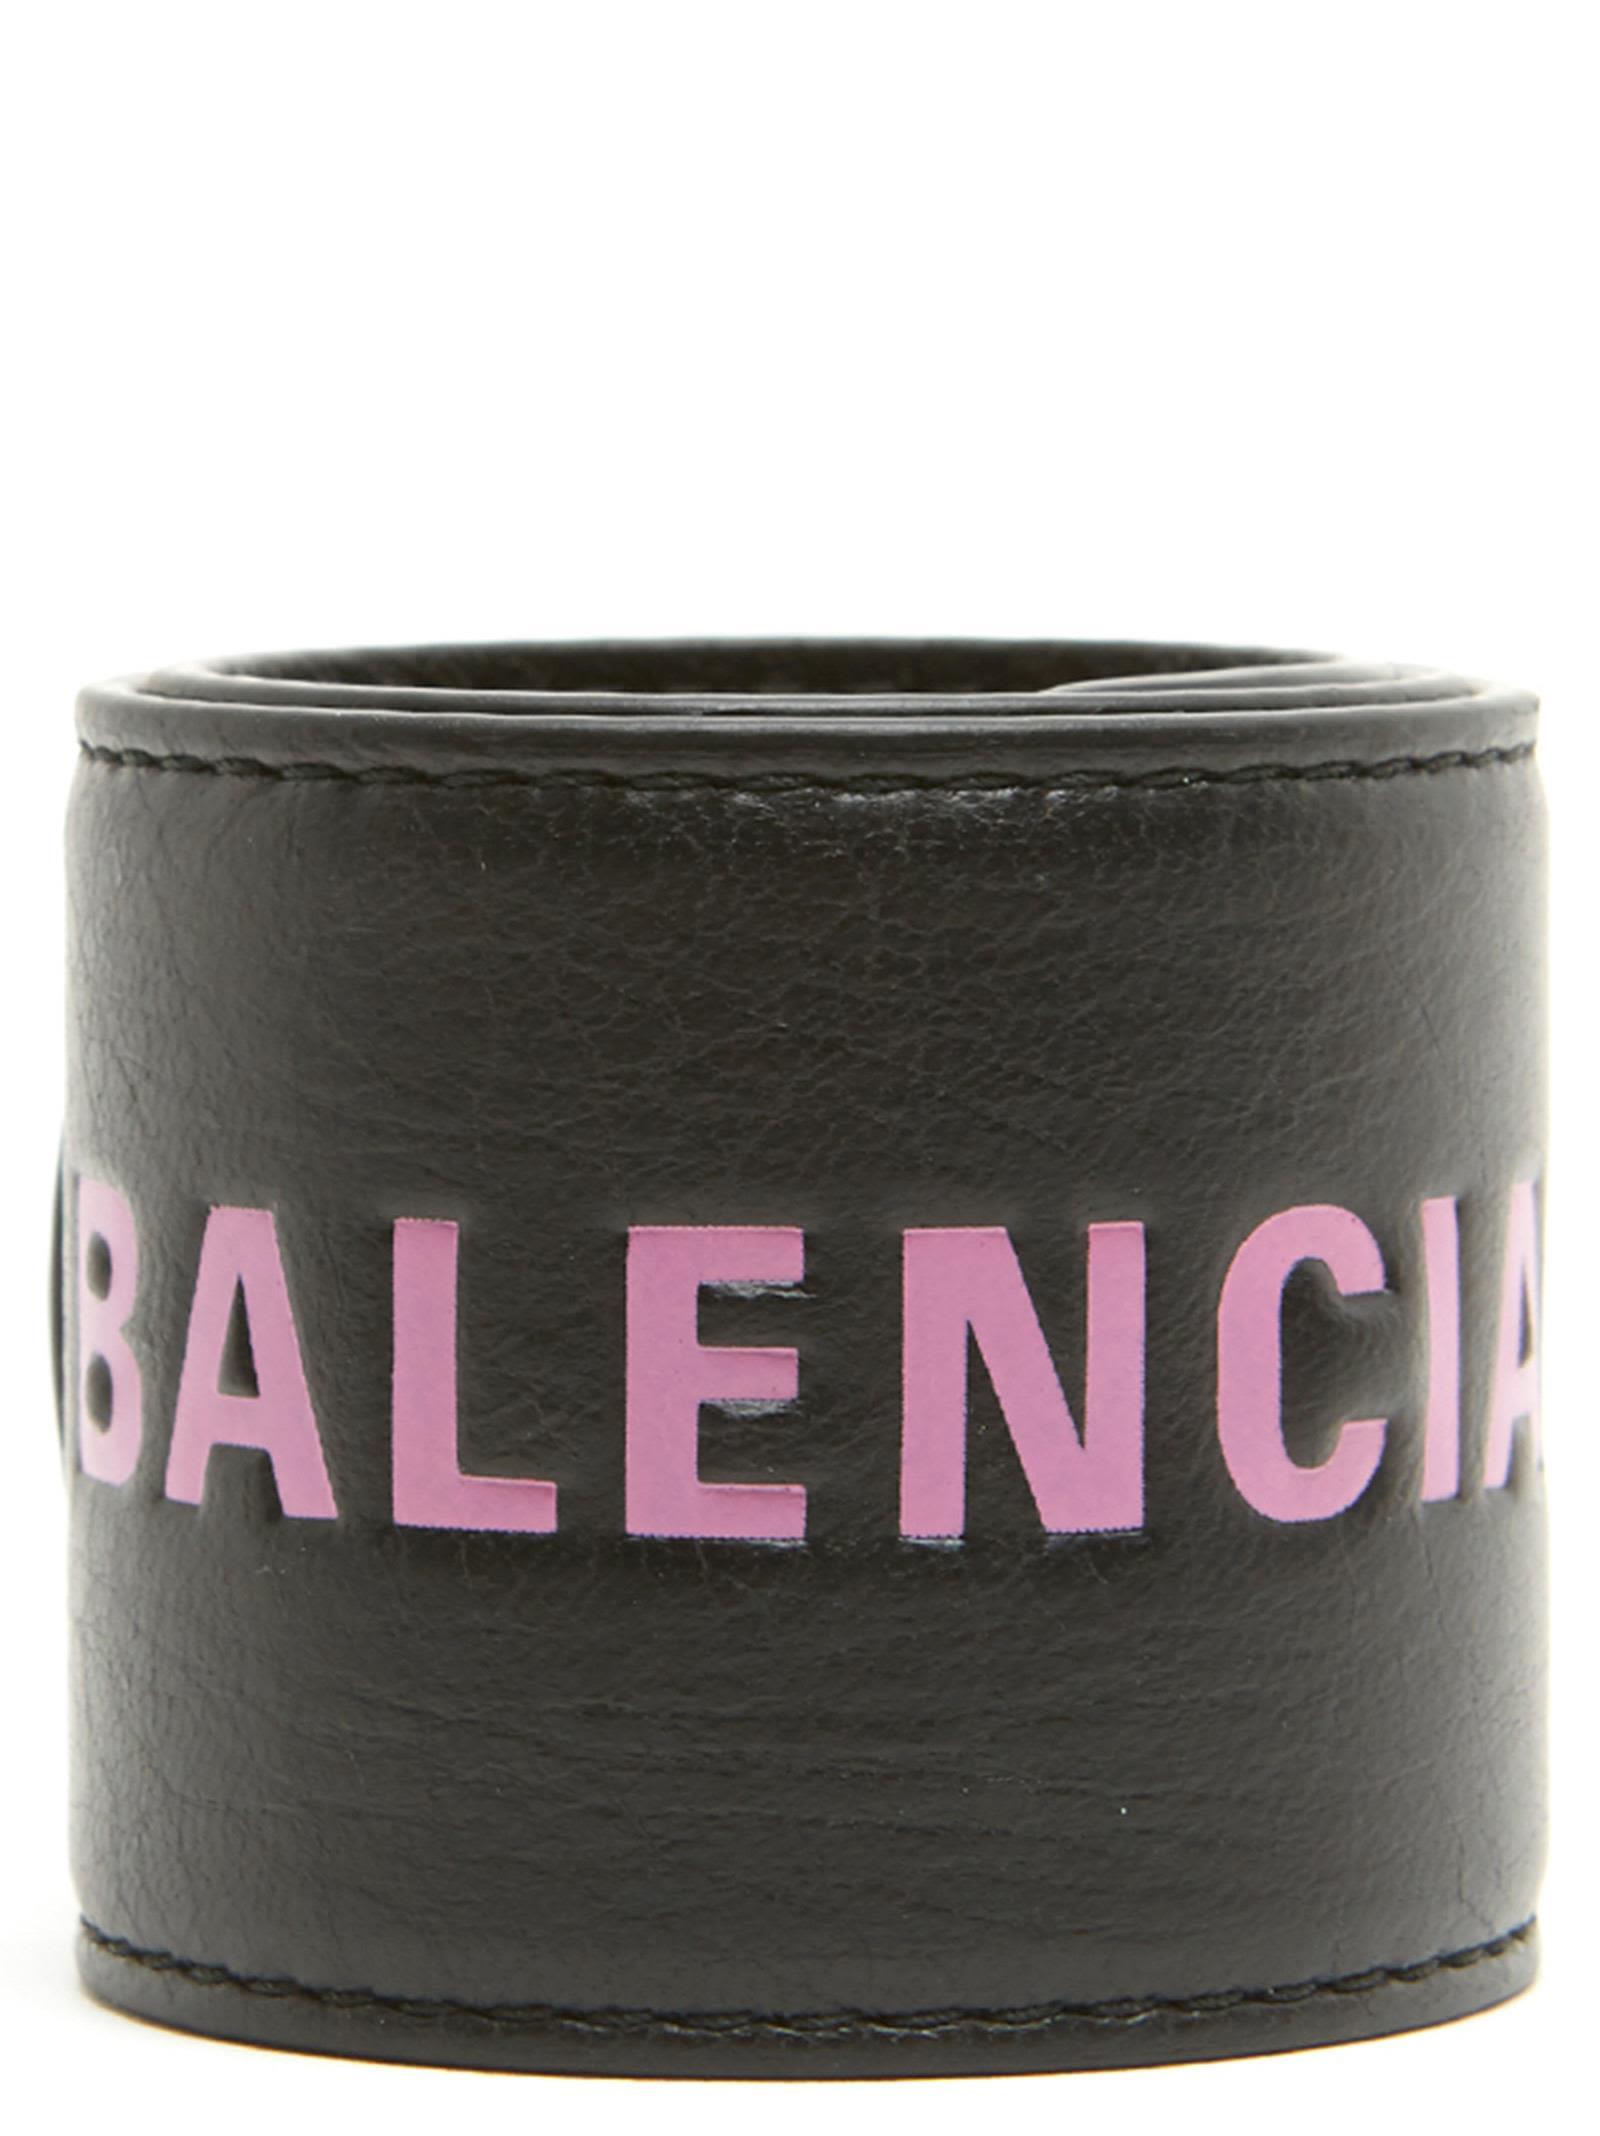 Bracelet in Black